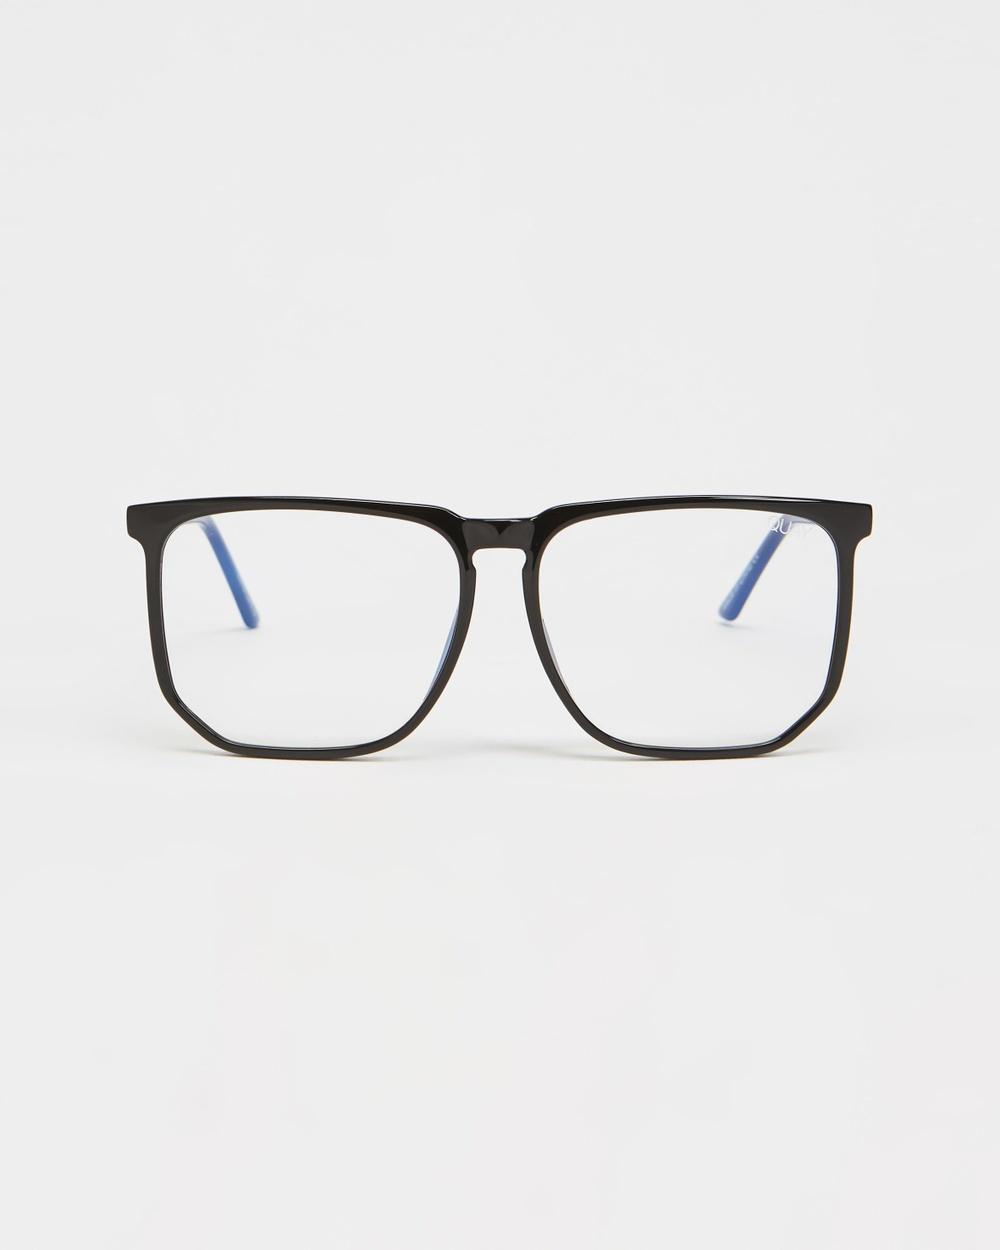 Quay Australia Stranger Optical Black & Clear Blue Light Lens